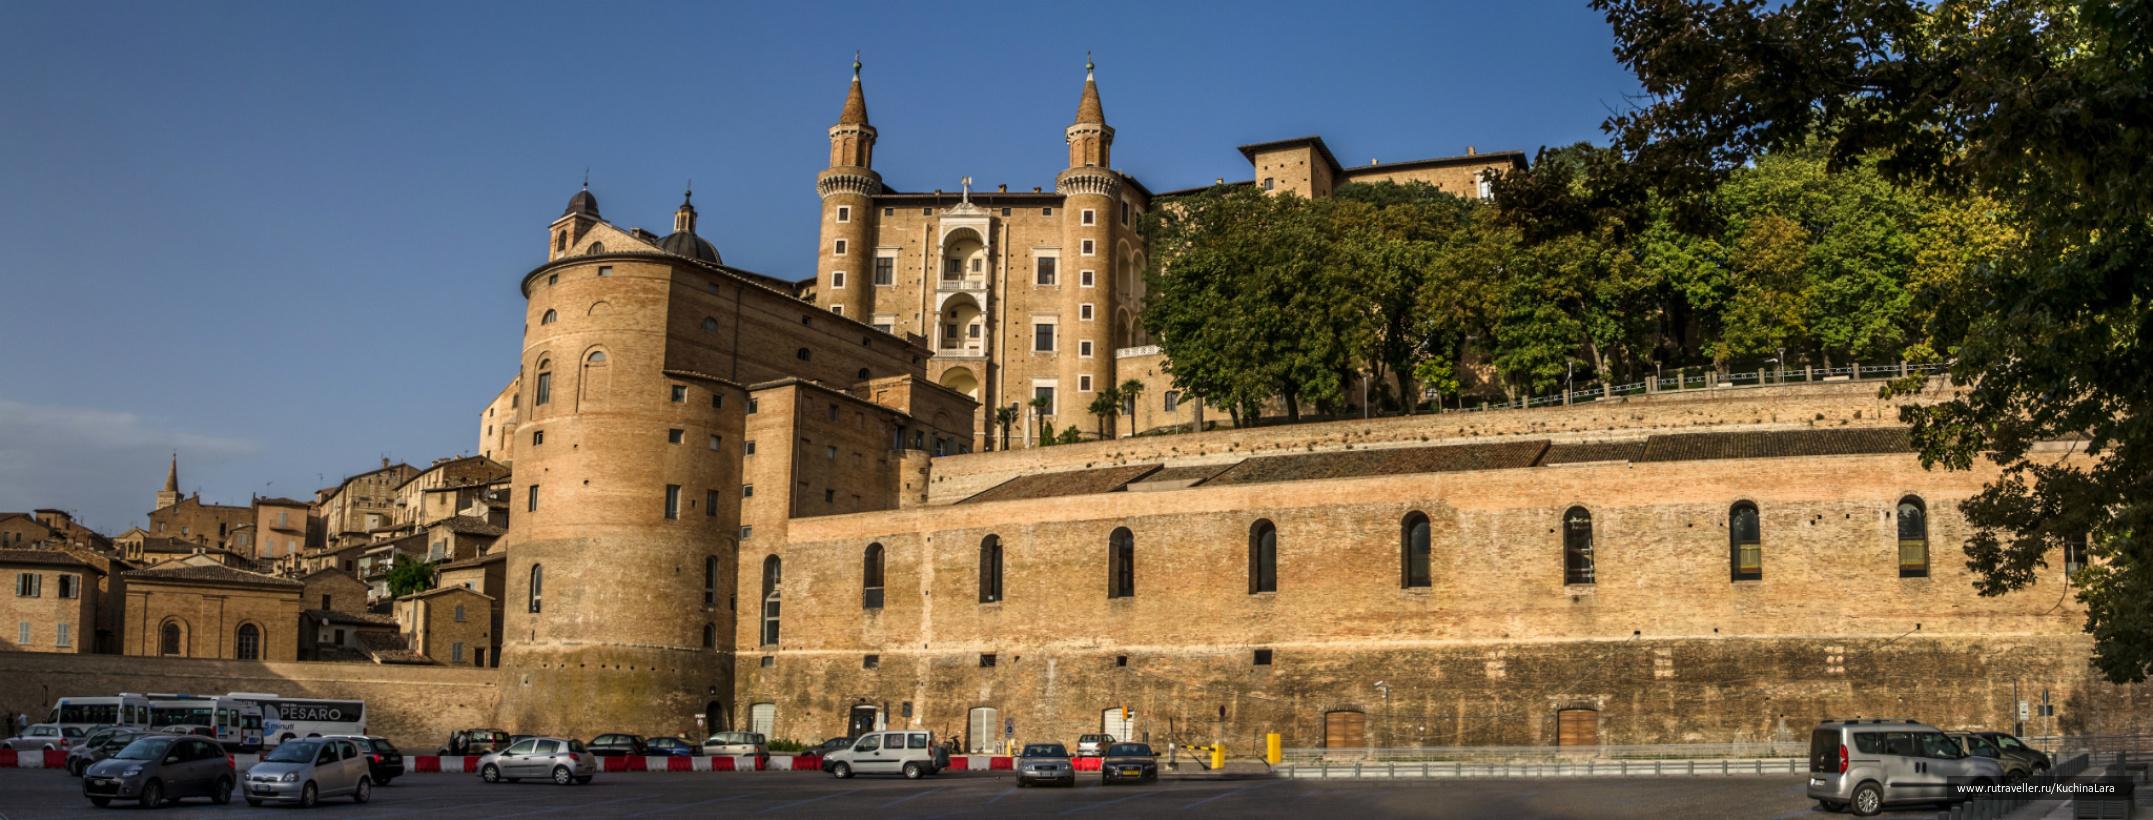 Urbino_2012-0498 Panorama